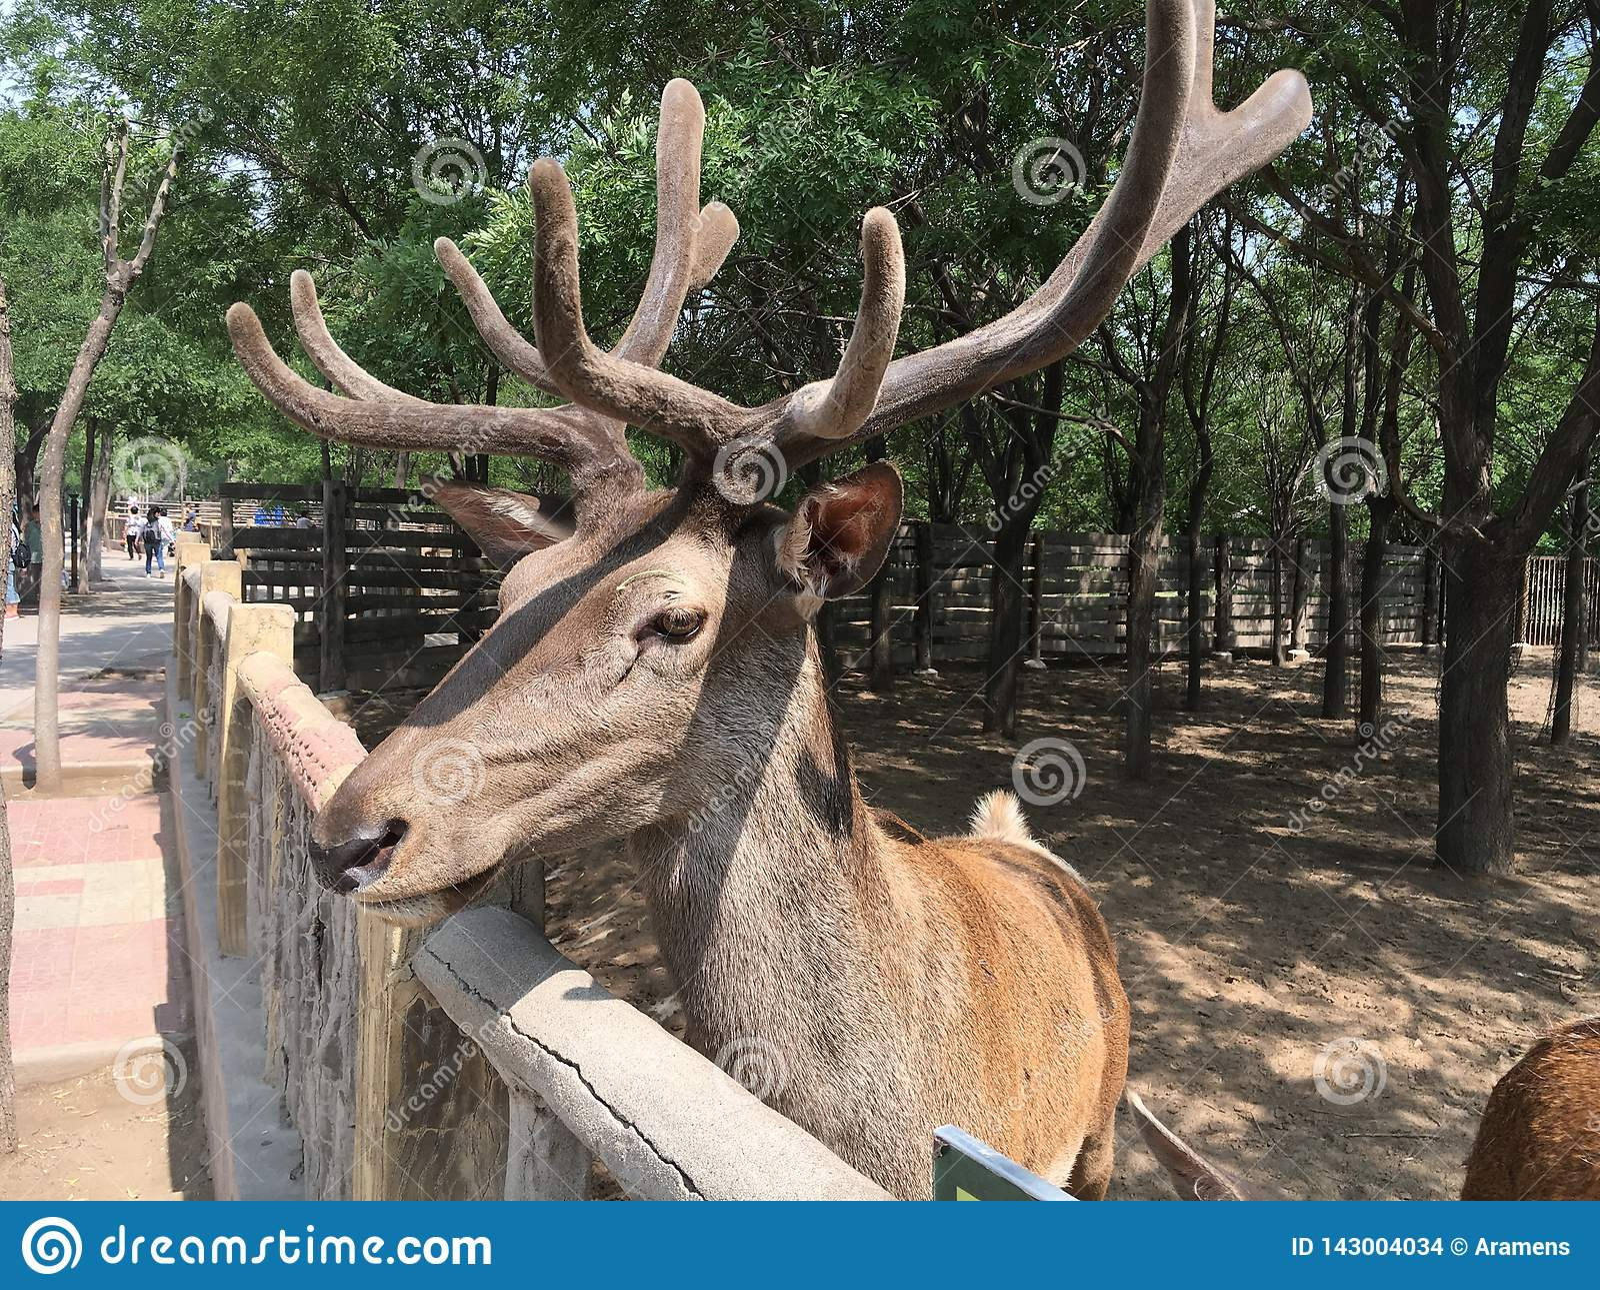 Sika deer in the zoo